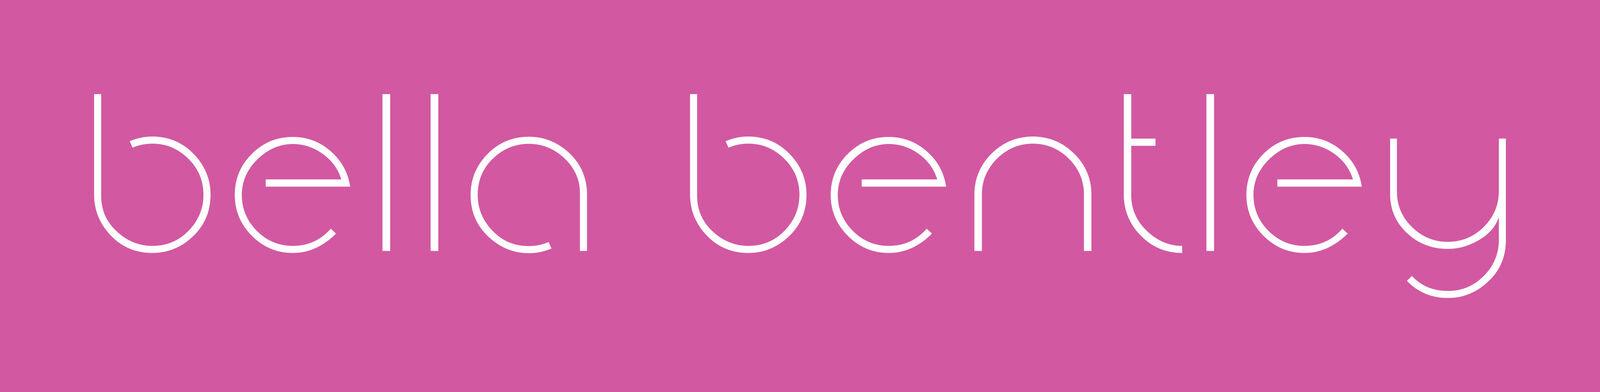 Bella Bentley